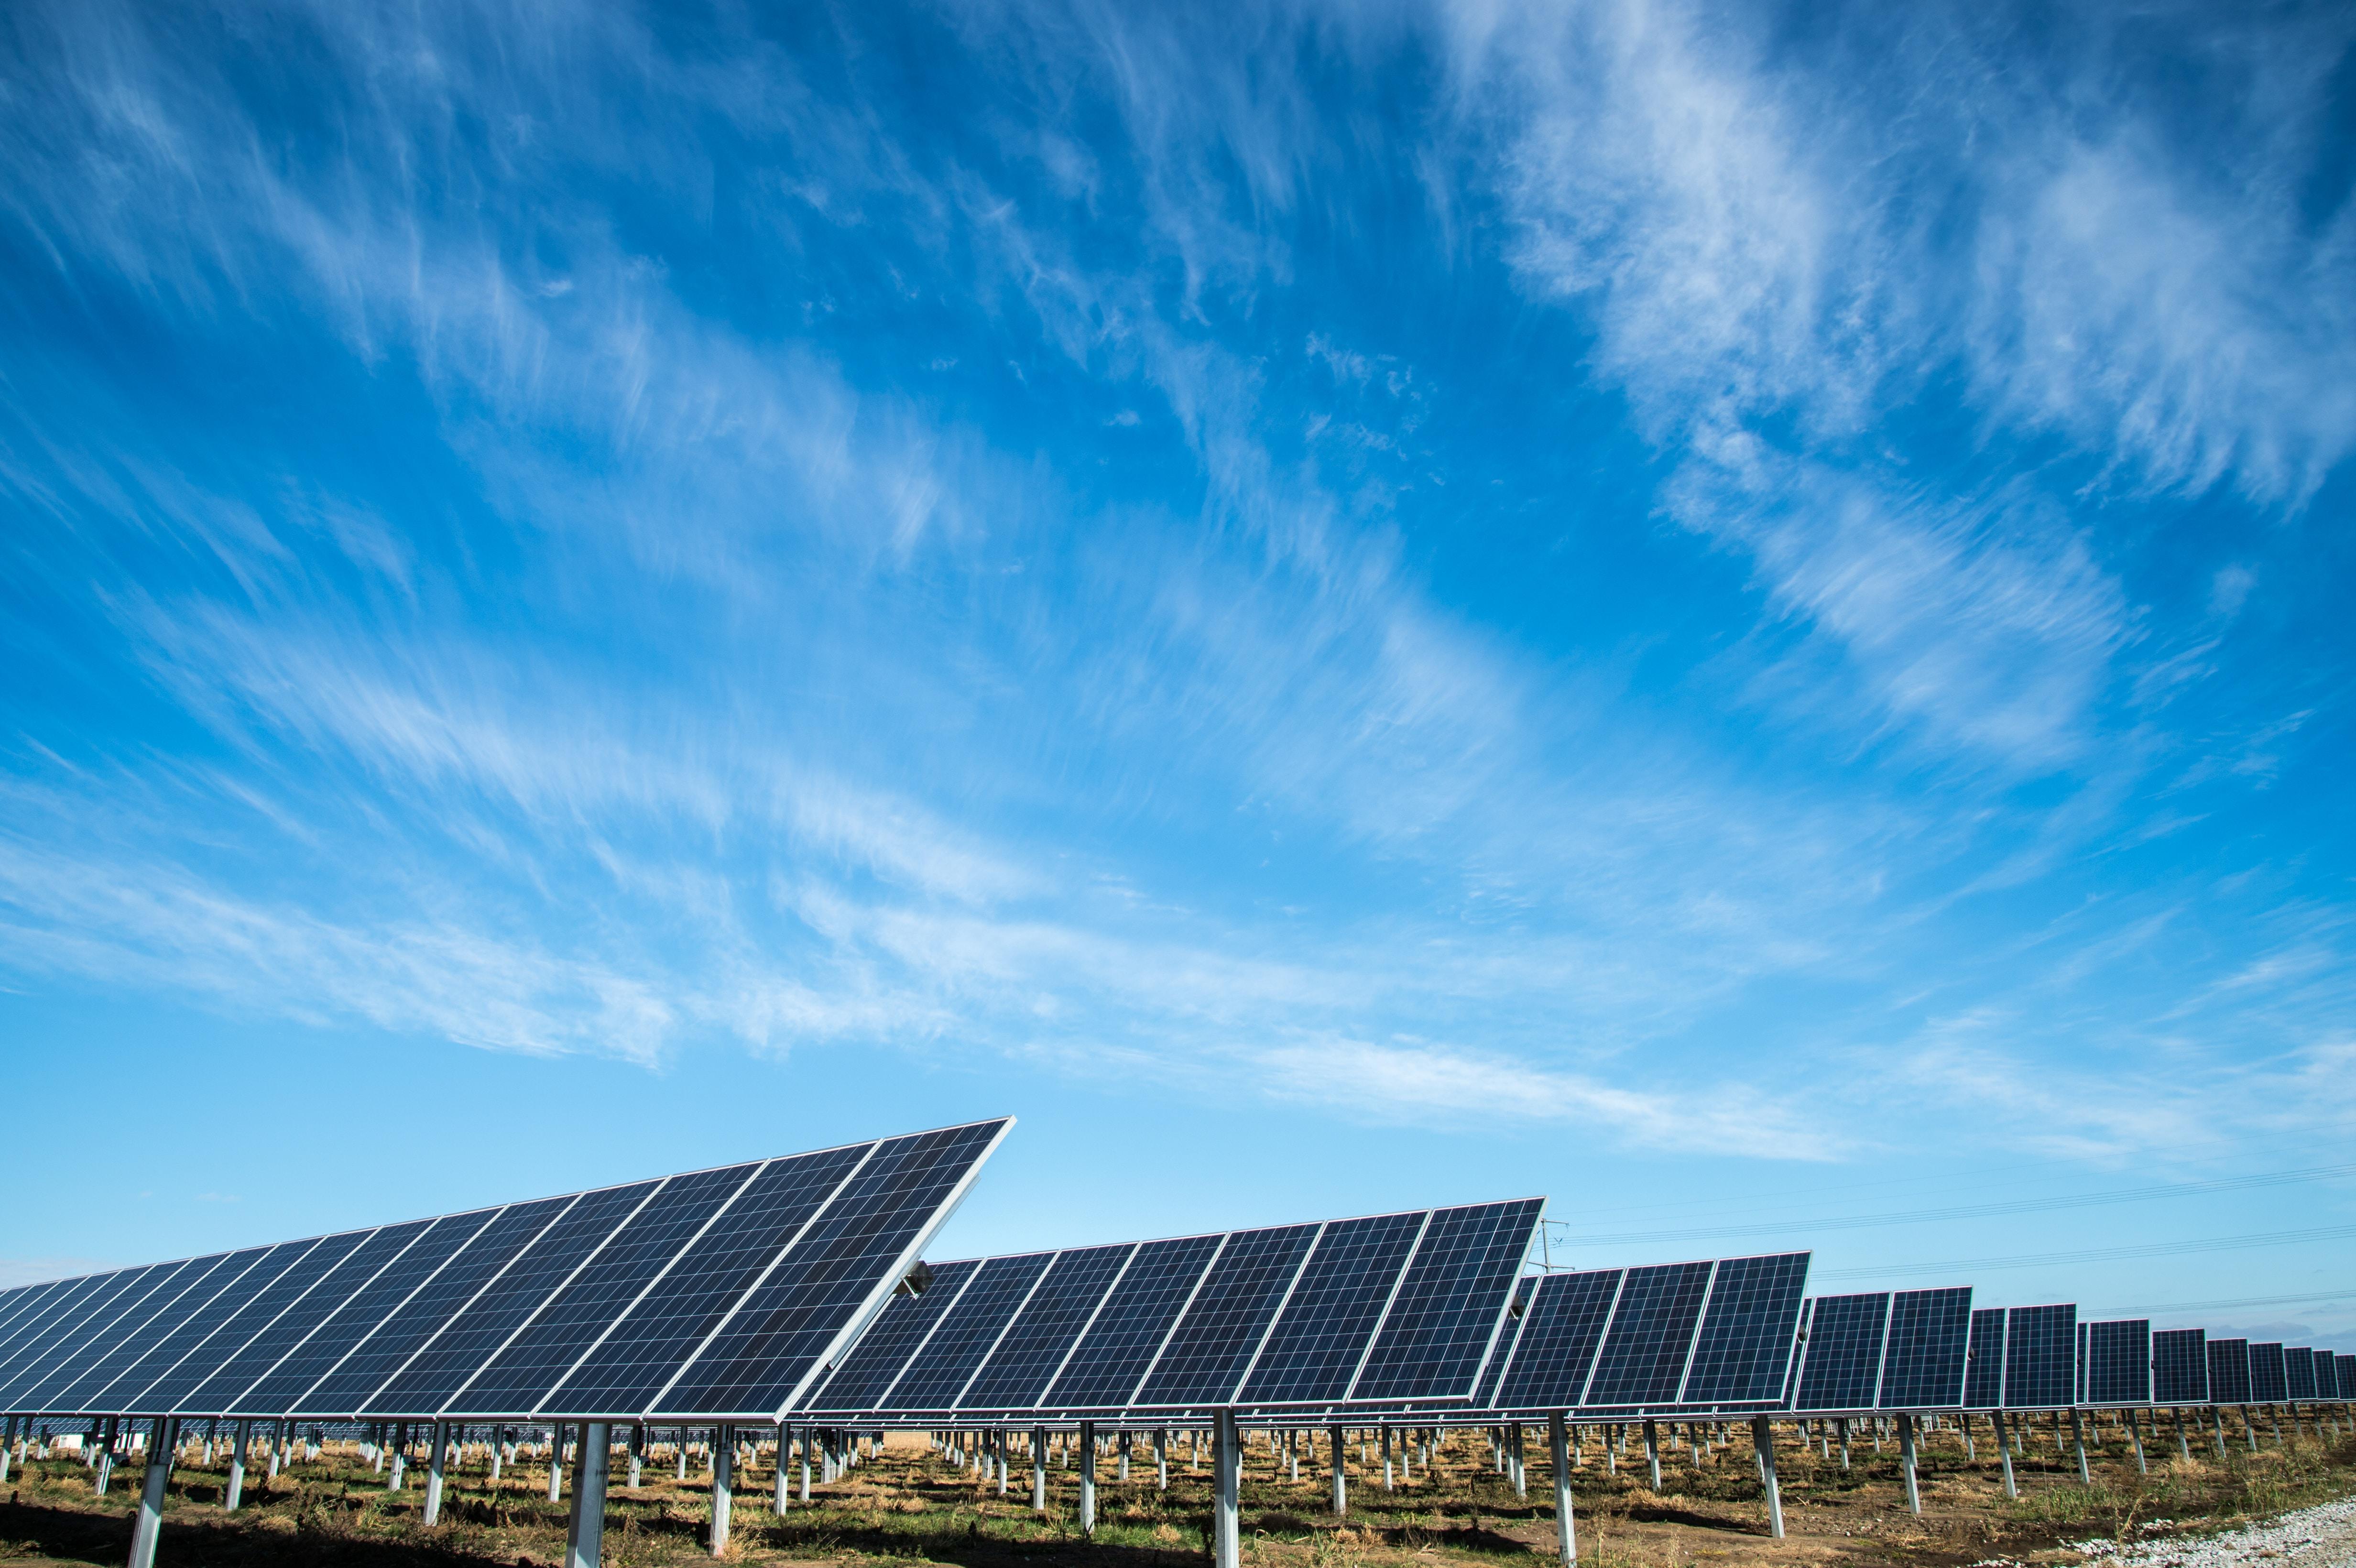 Latinoamérica necesita más técnicos, profesionales y expertos en energía solar